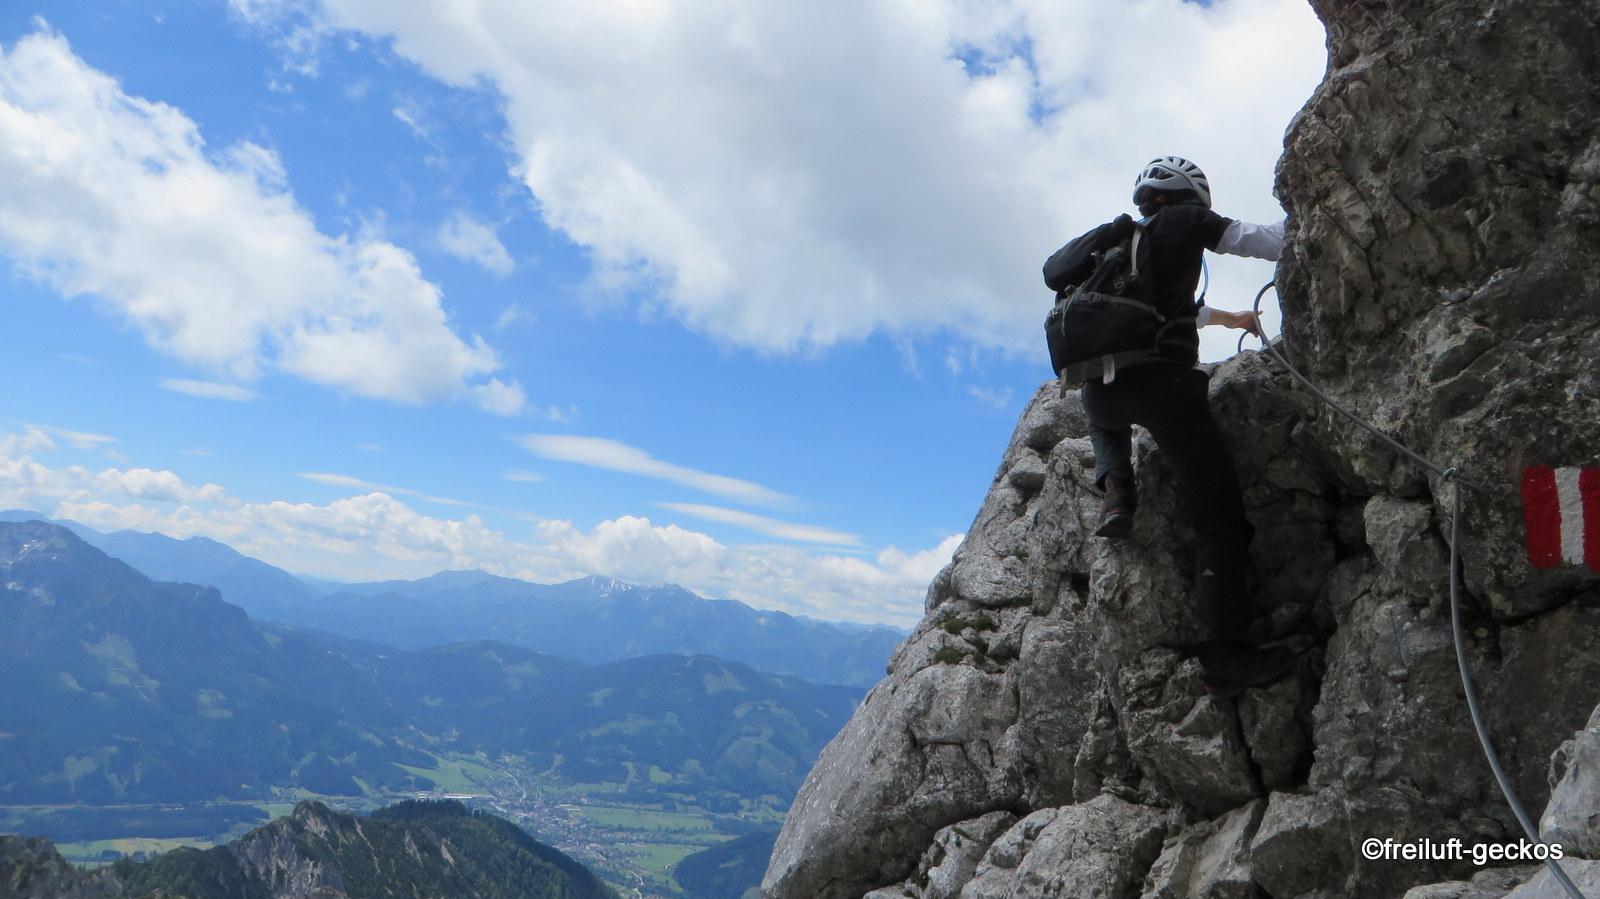 Klettersteig Uri : Klettersteig graustock m obwalden schweiz olli